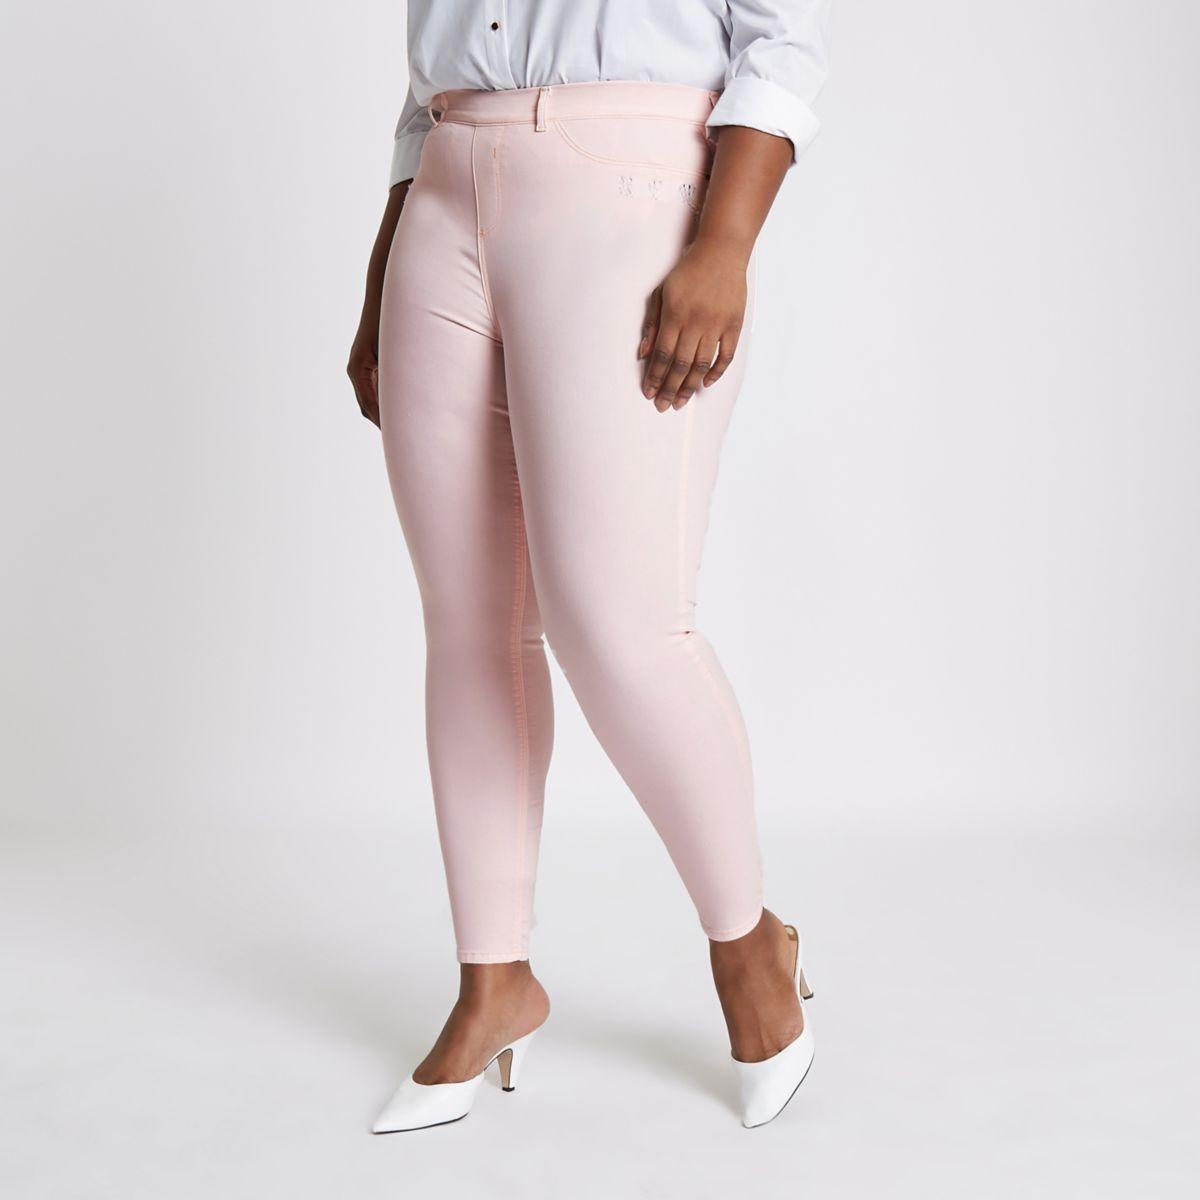 Plus light pink Jaida pull on jeggings